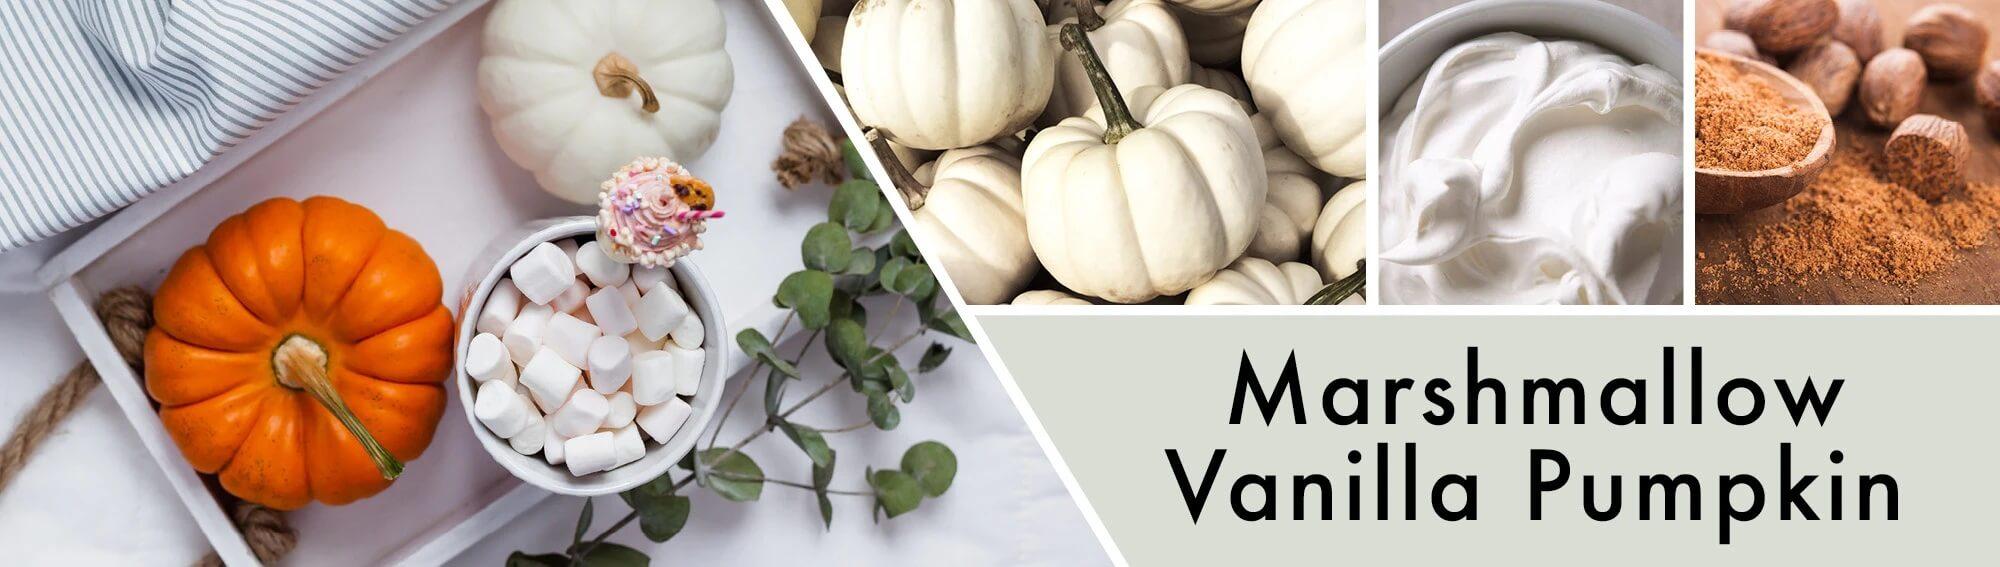 Marshmallow-Vanilla-Pumpkin-Banner